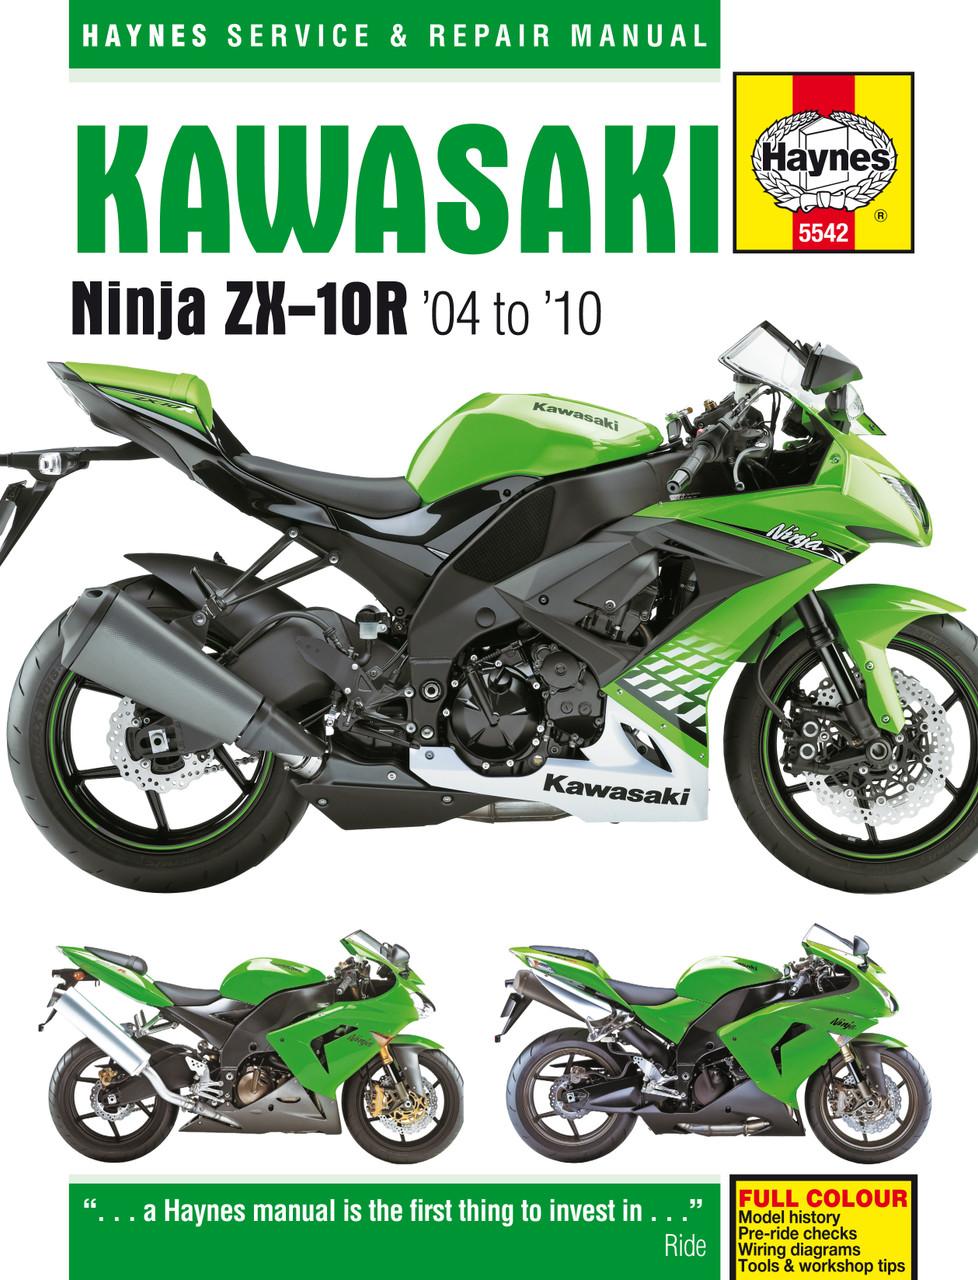 Kawasaki Ninja Zx 10r 04 10 Haynes Repair Manual